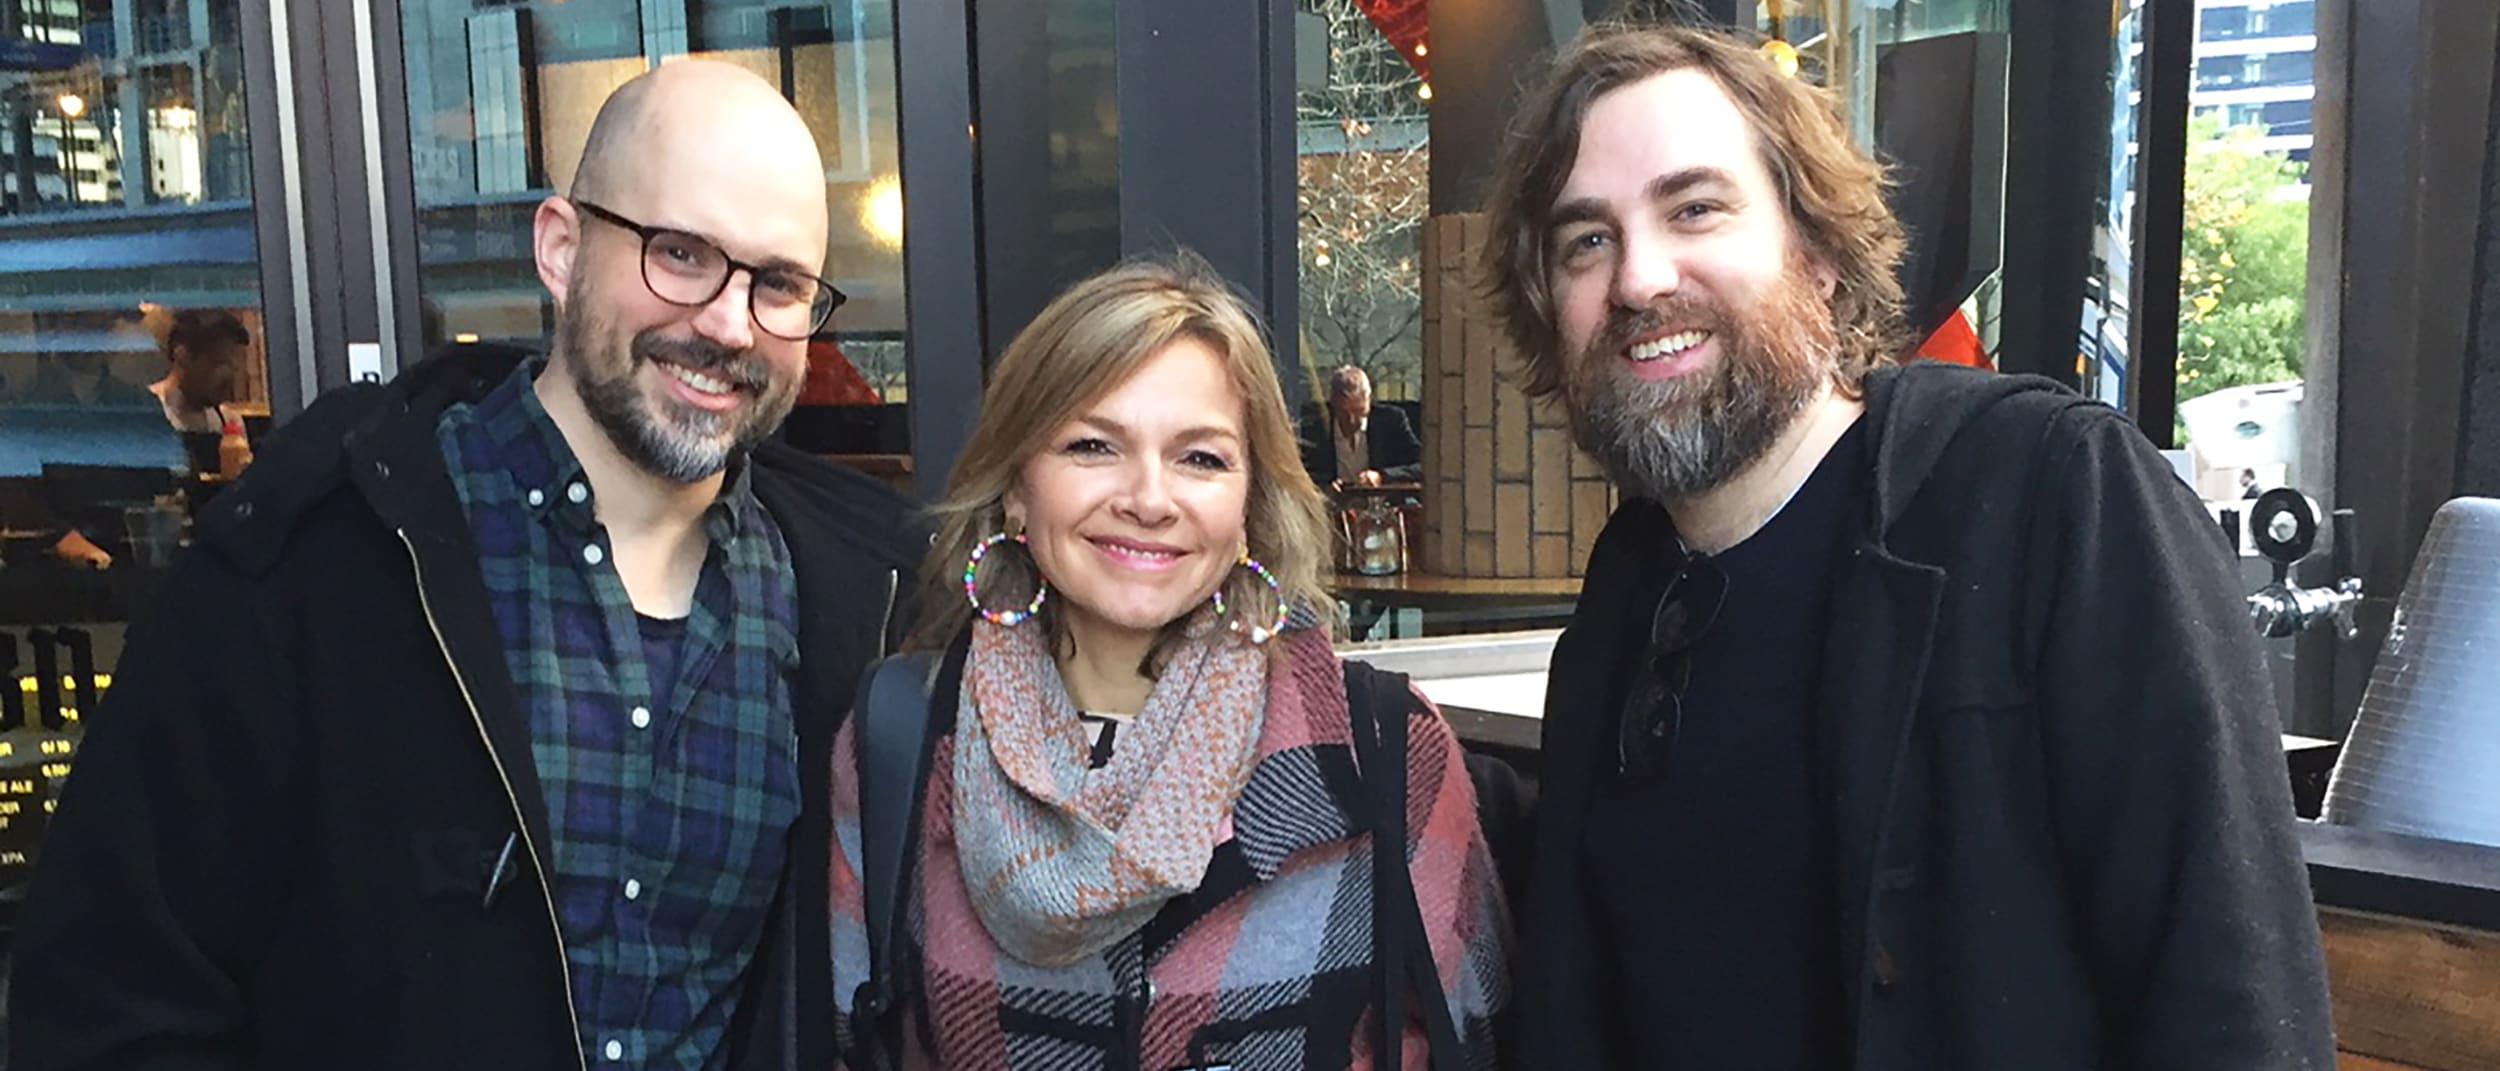 Ukulele storytime with Josh Pyke & Justine Clarke at Harry Hartog